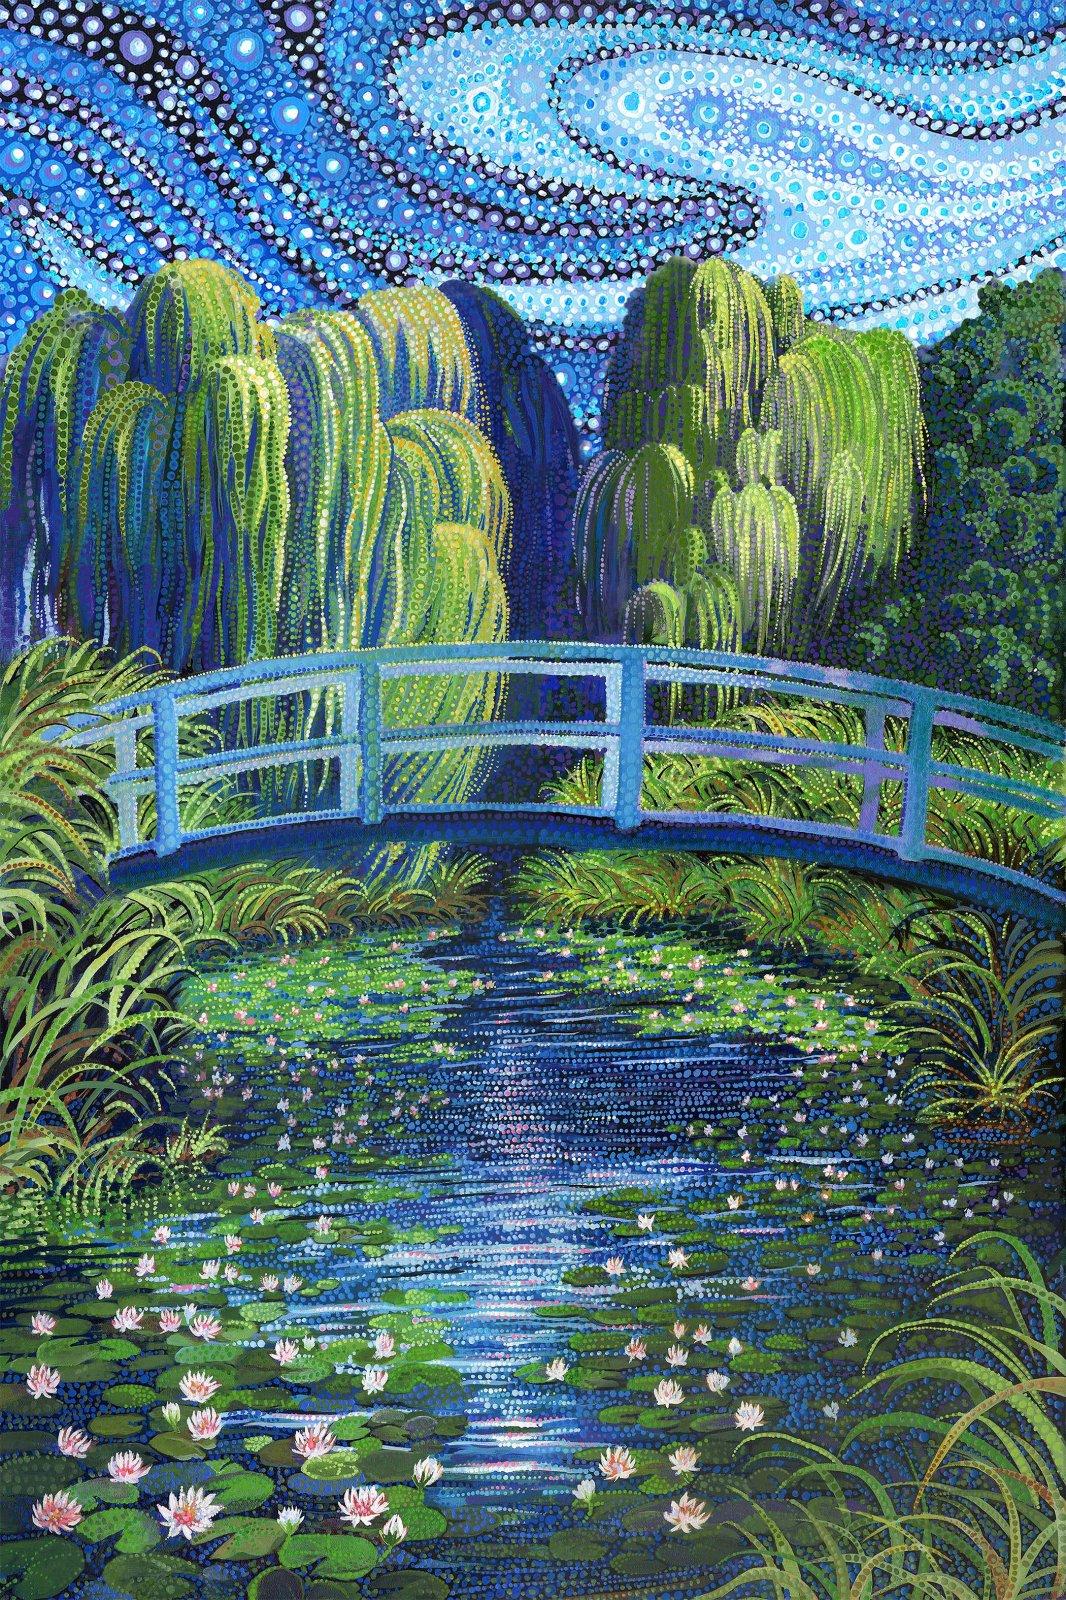 Water Garden - Bridge Panel